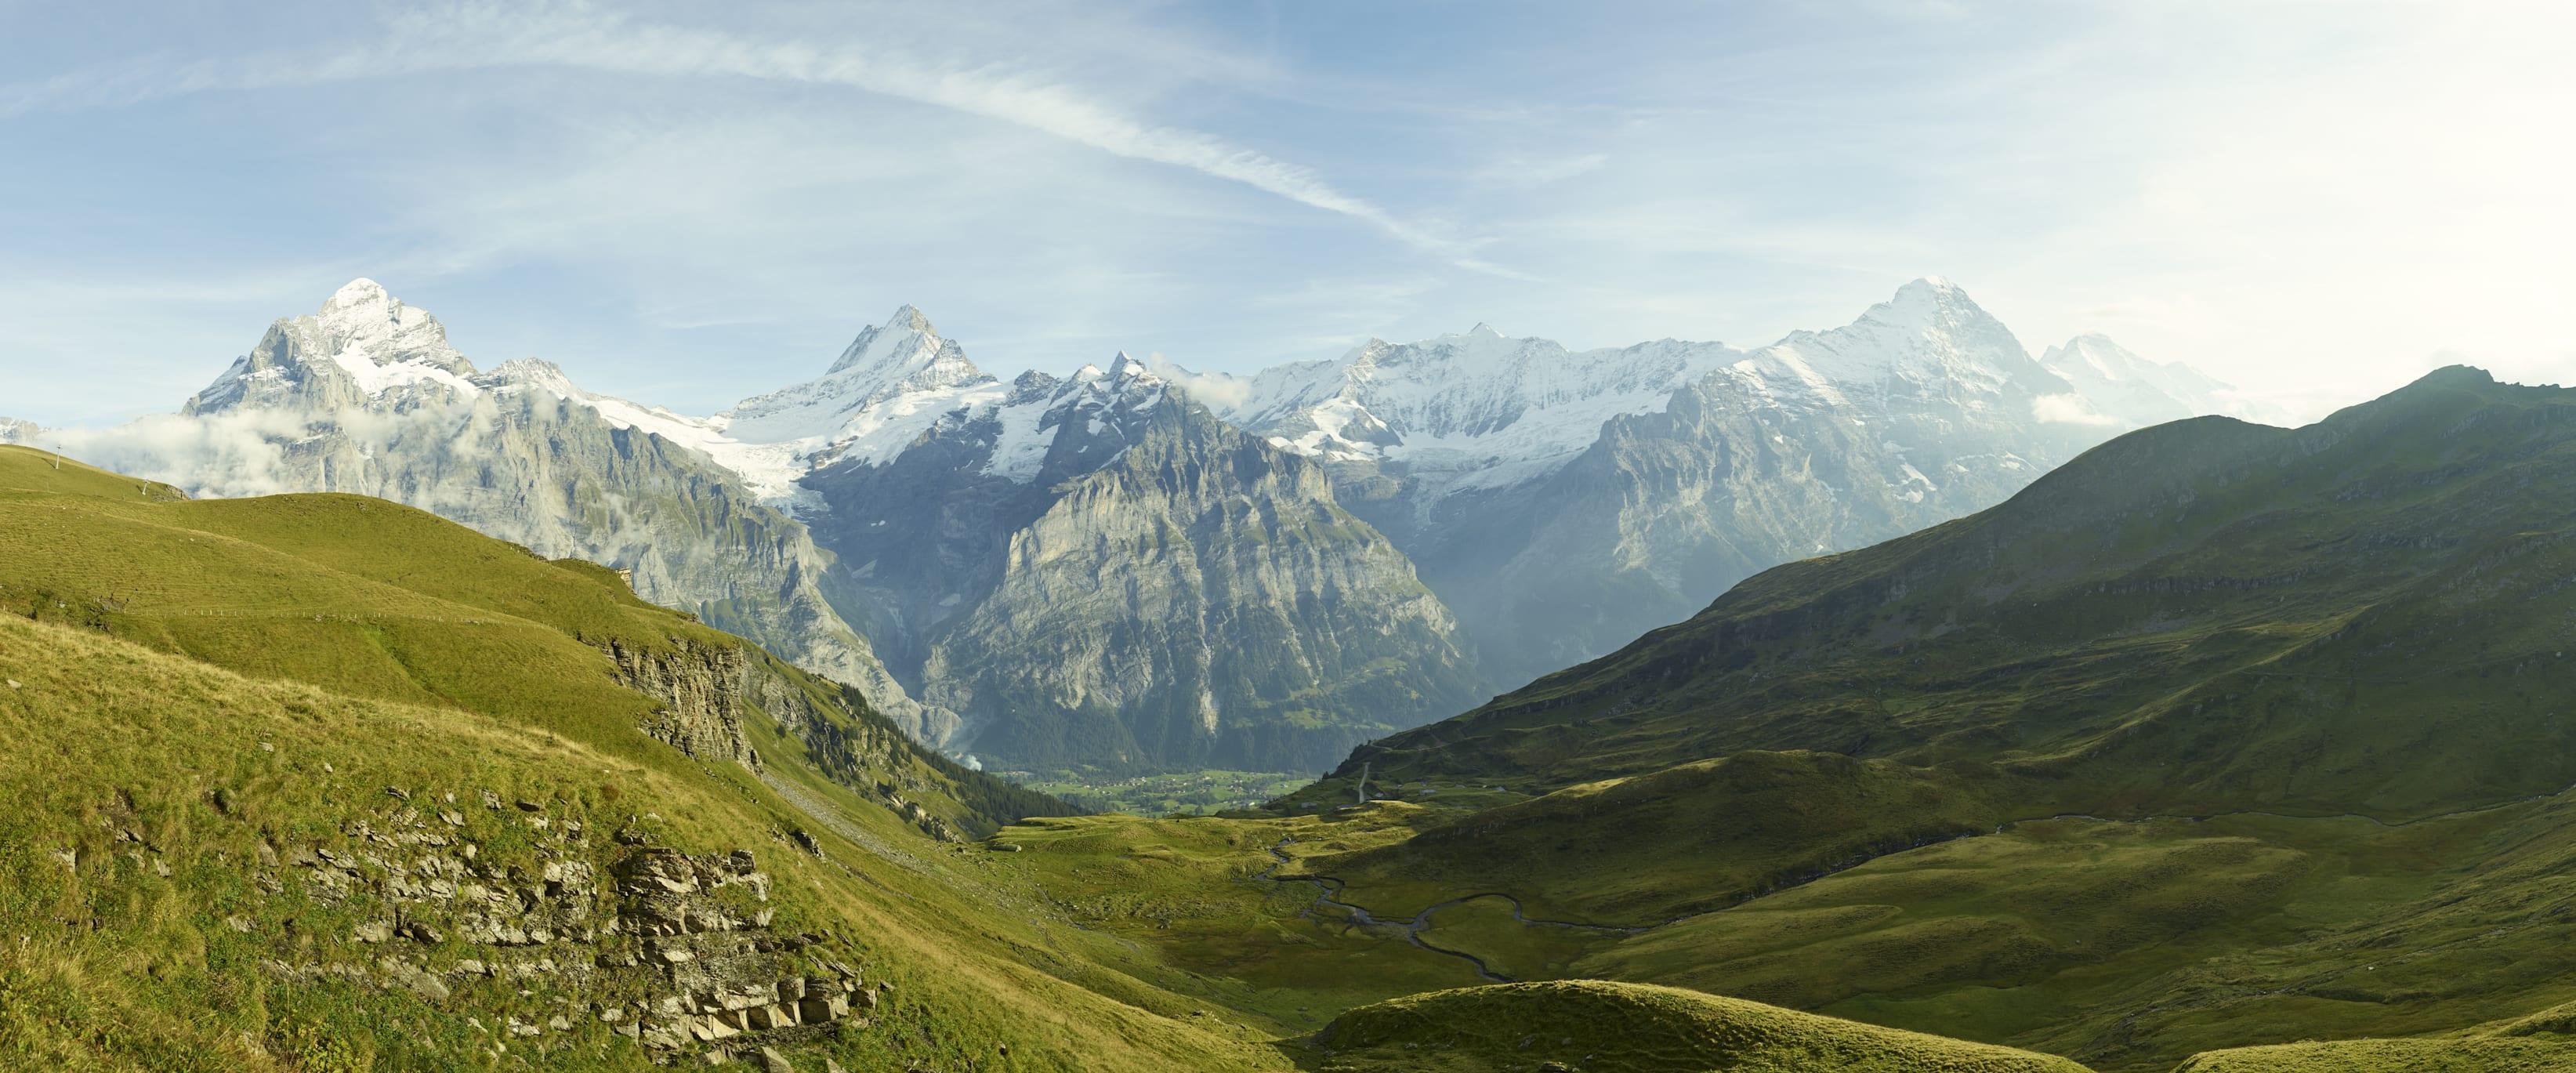 Panorama Wetterhorn Schreckhorn Eiger Grindelwald First Sommer